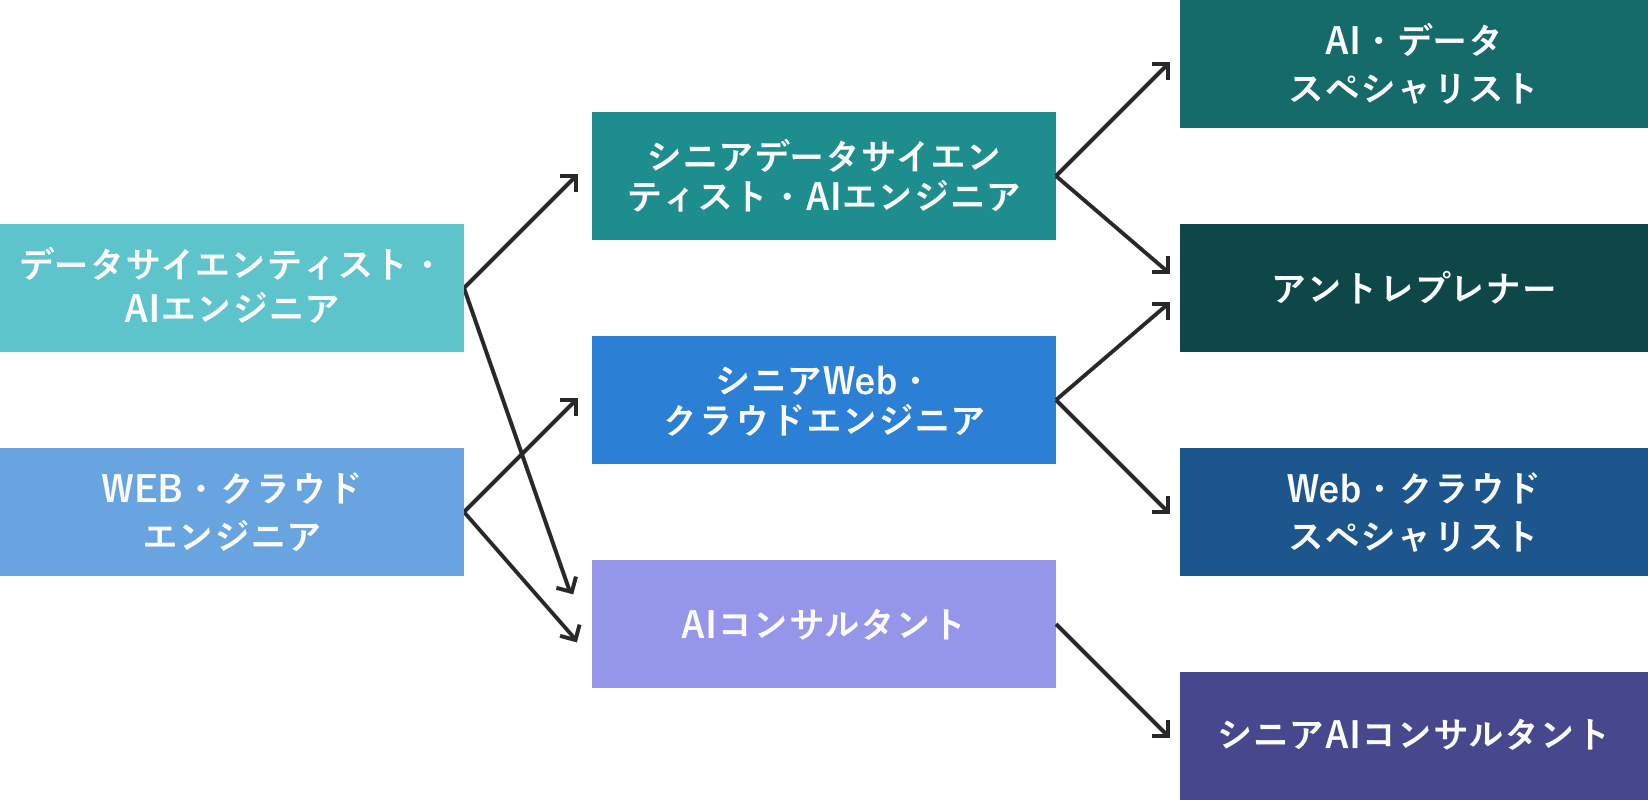 開発部 キャリアパス 図